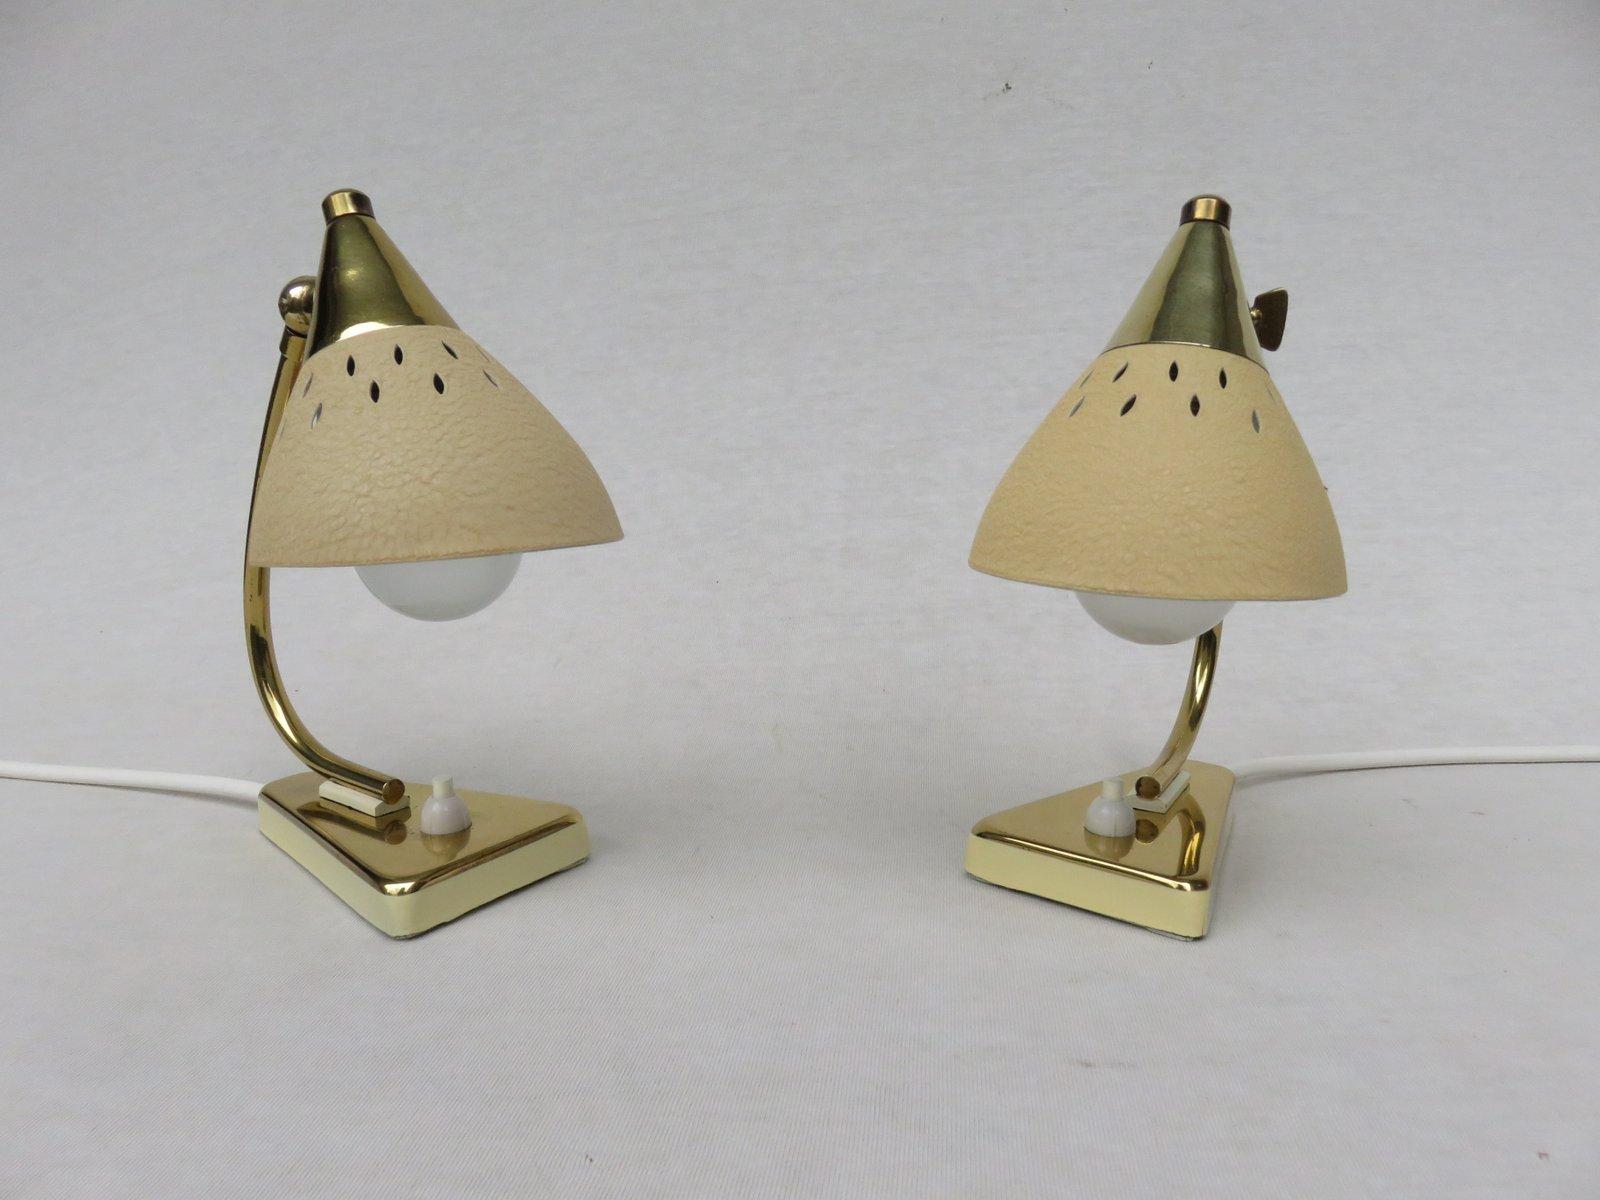 italienische vintage nachttischlampen 1950er 2er set - Nachttischlampen